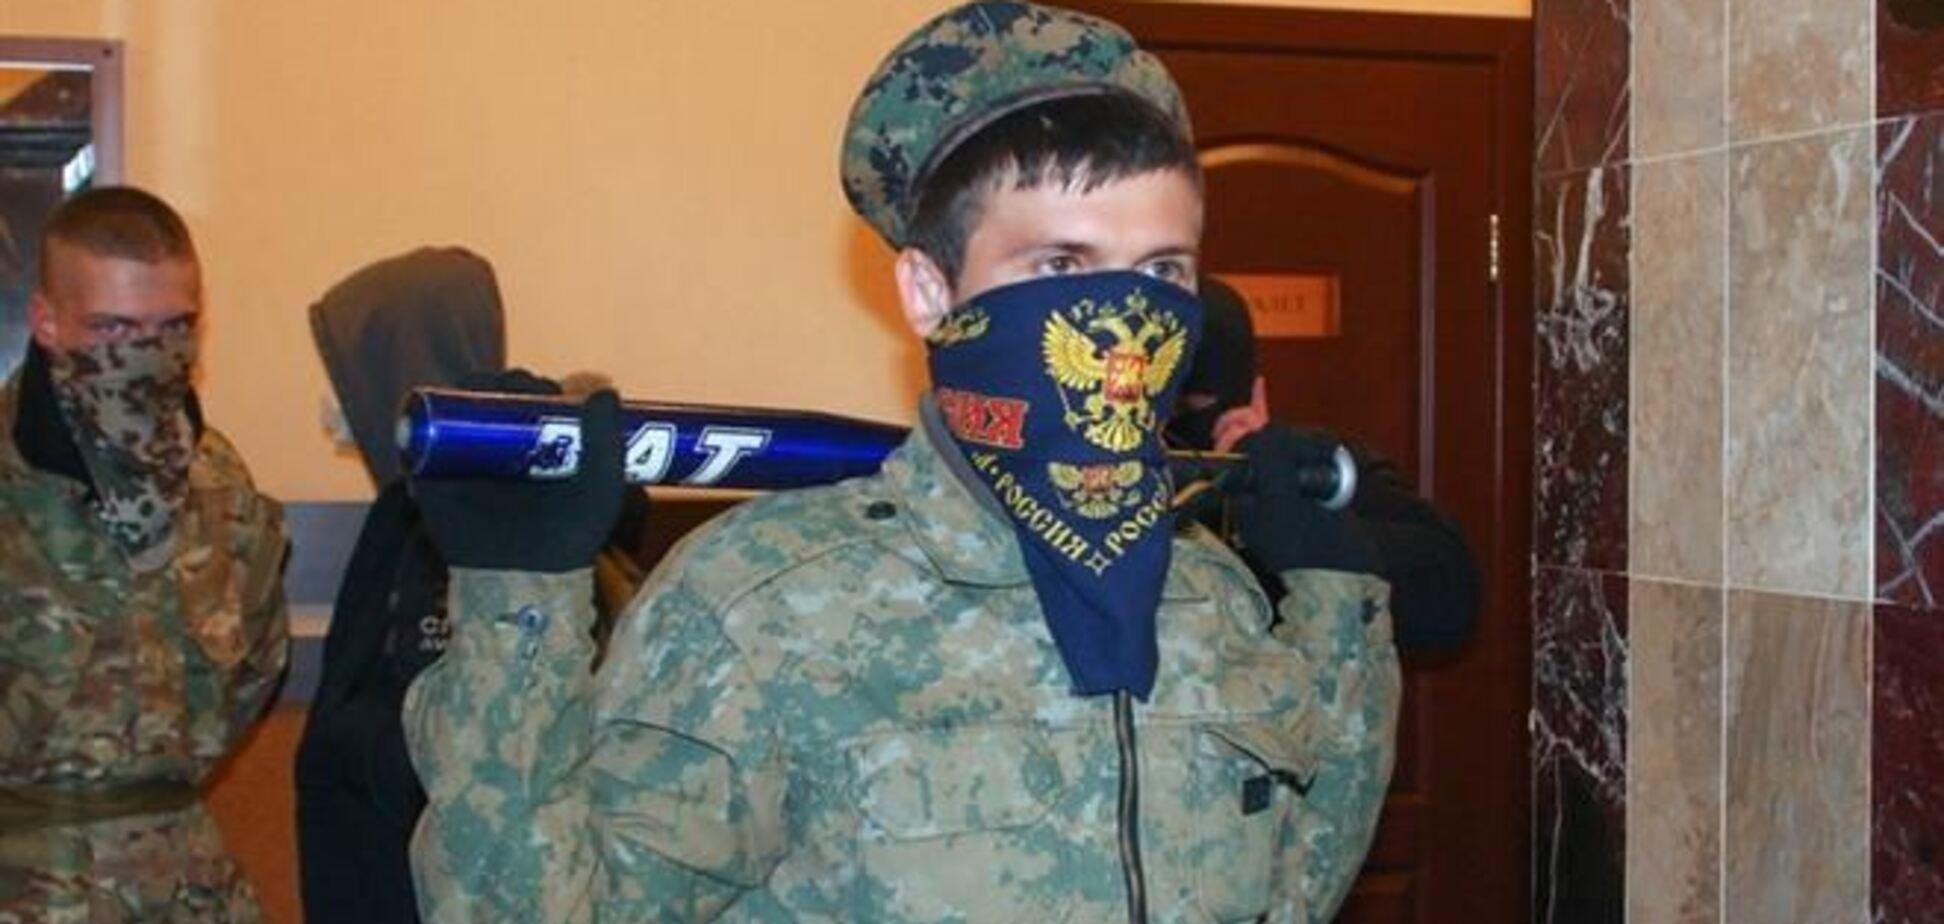 МВД: глава милиции Донецка подал в отставку во избежание конфликта с сепаратистами